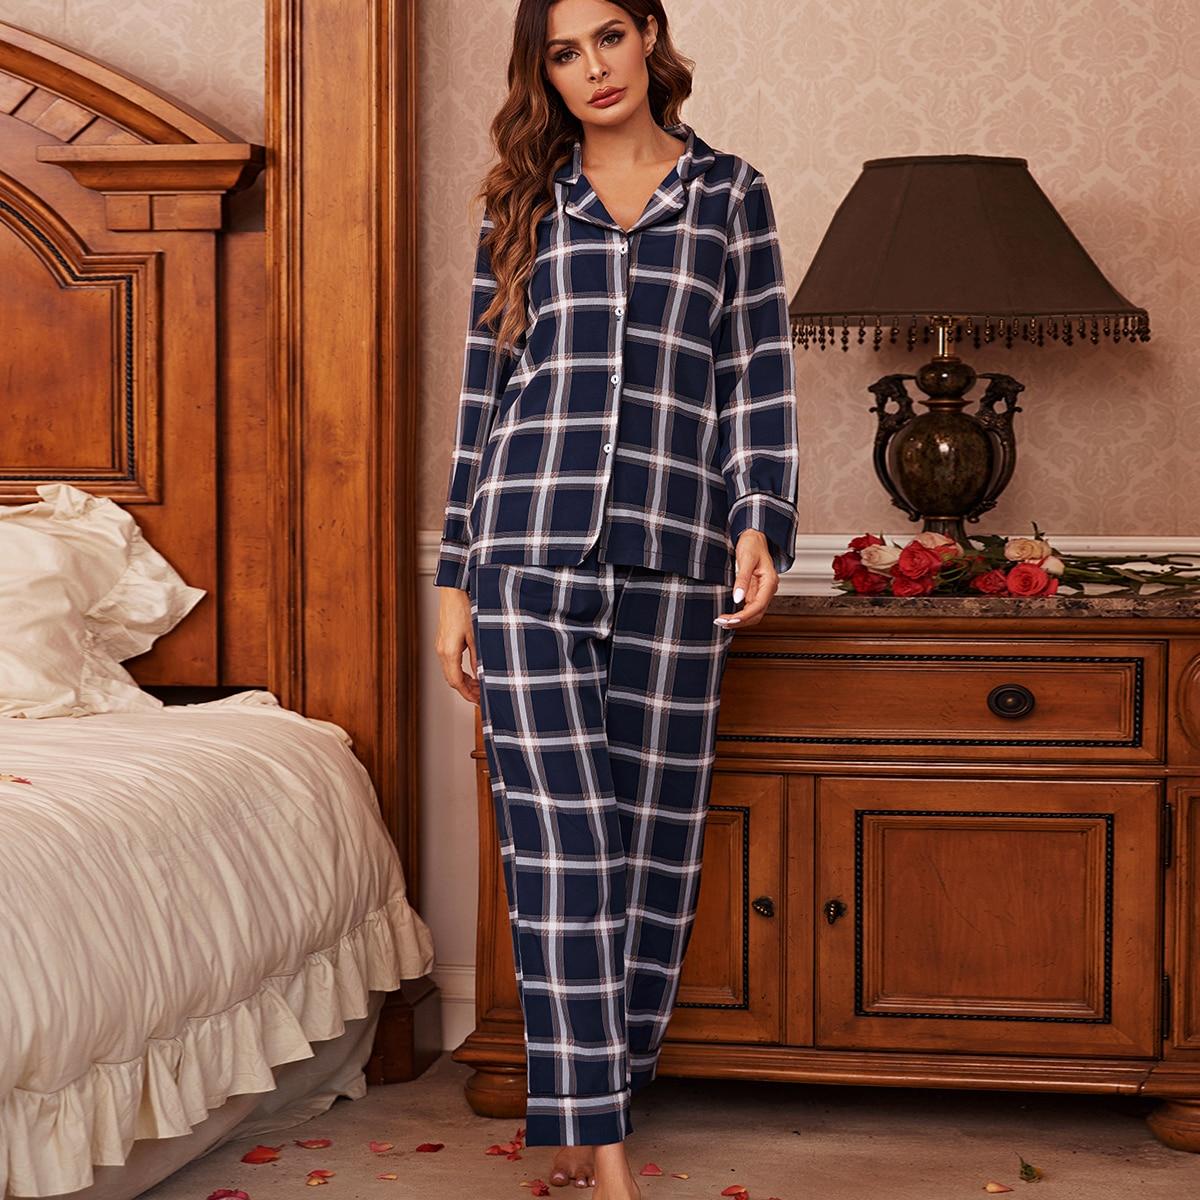 Пуговица Клетка Элегантный Комплект пижамы